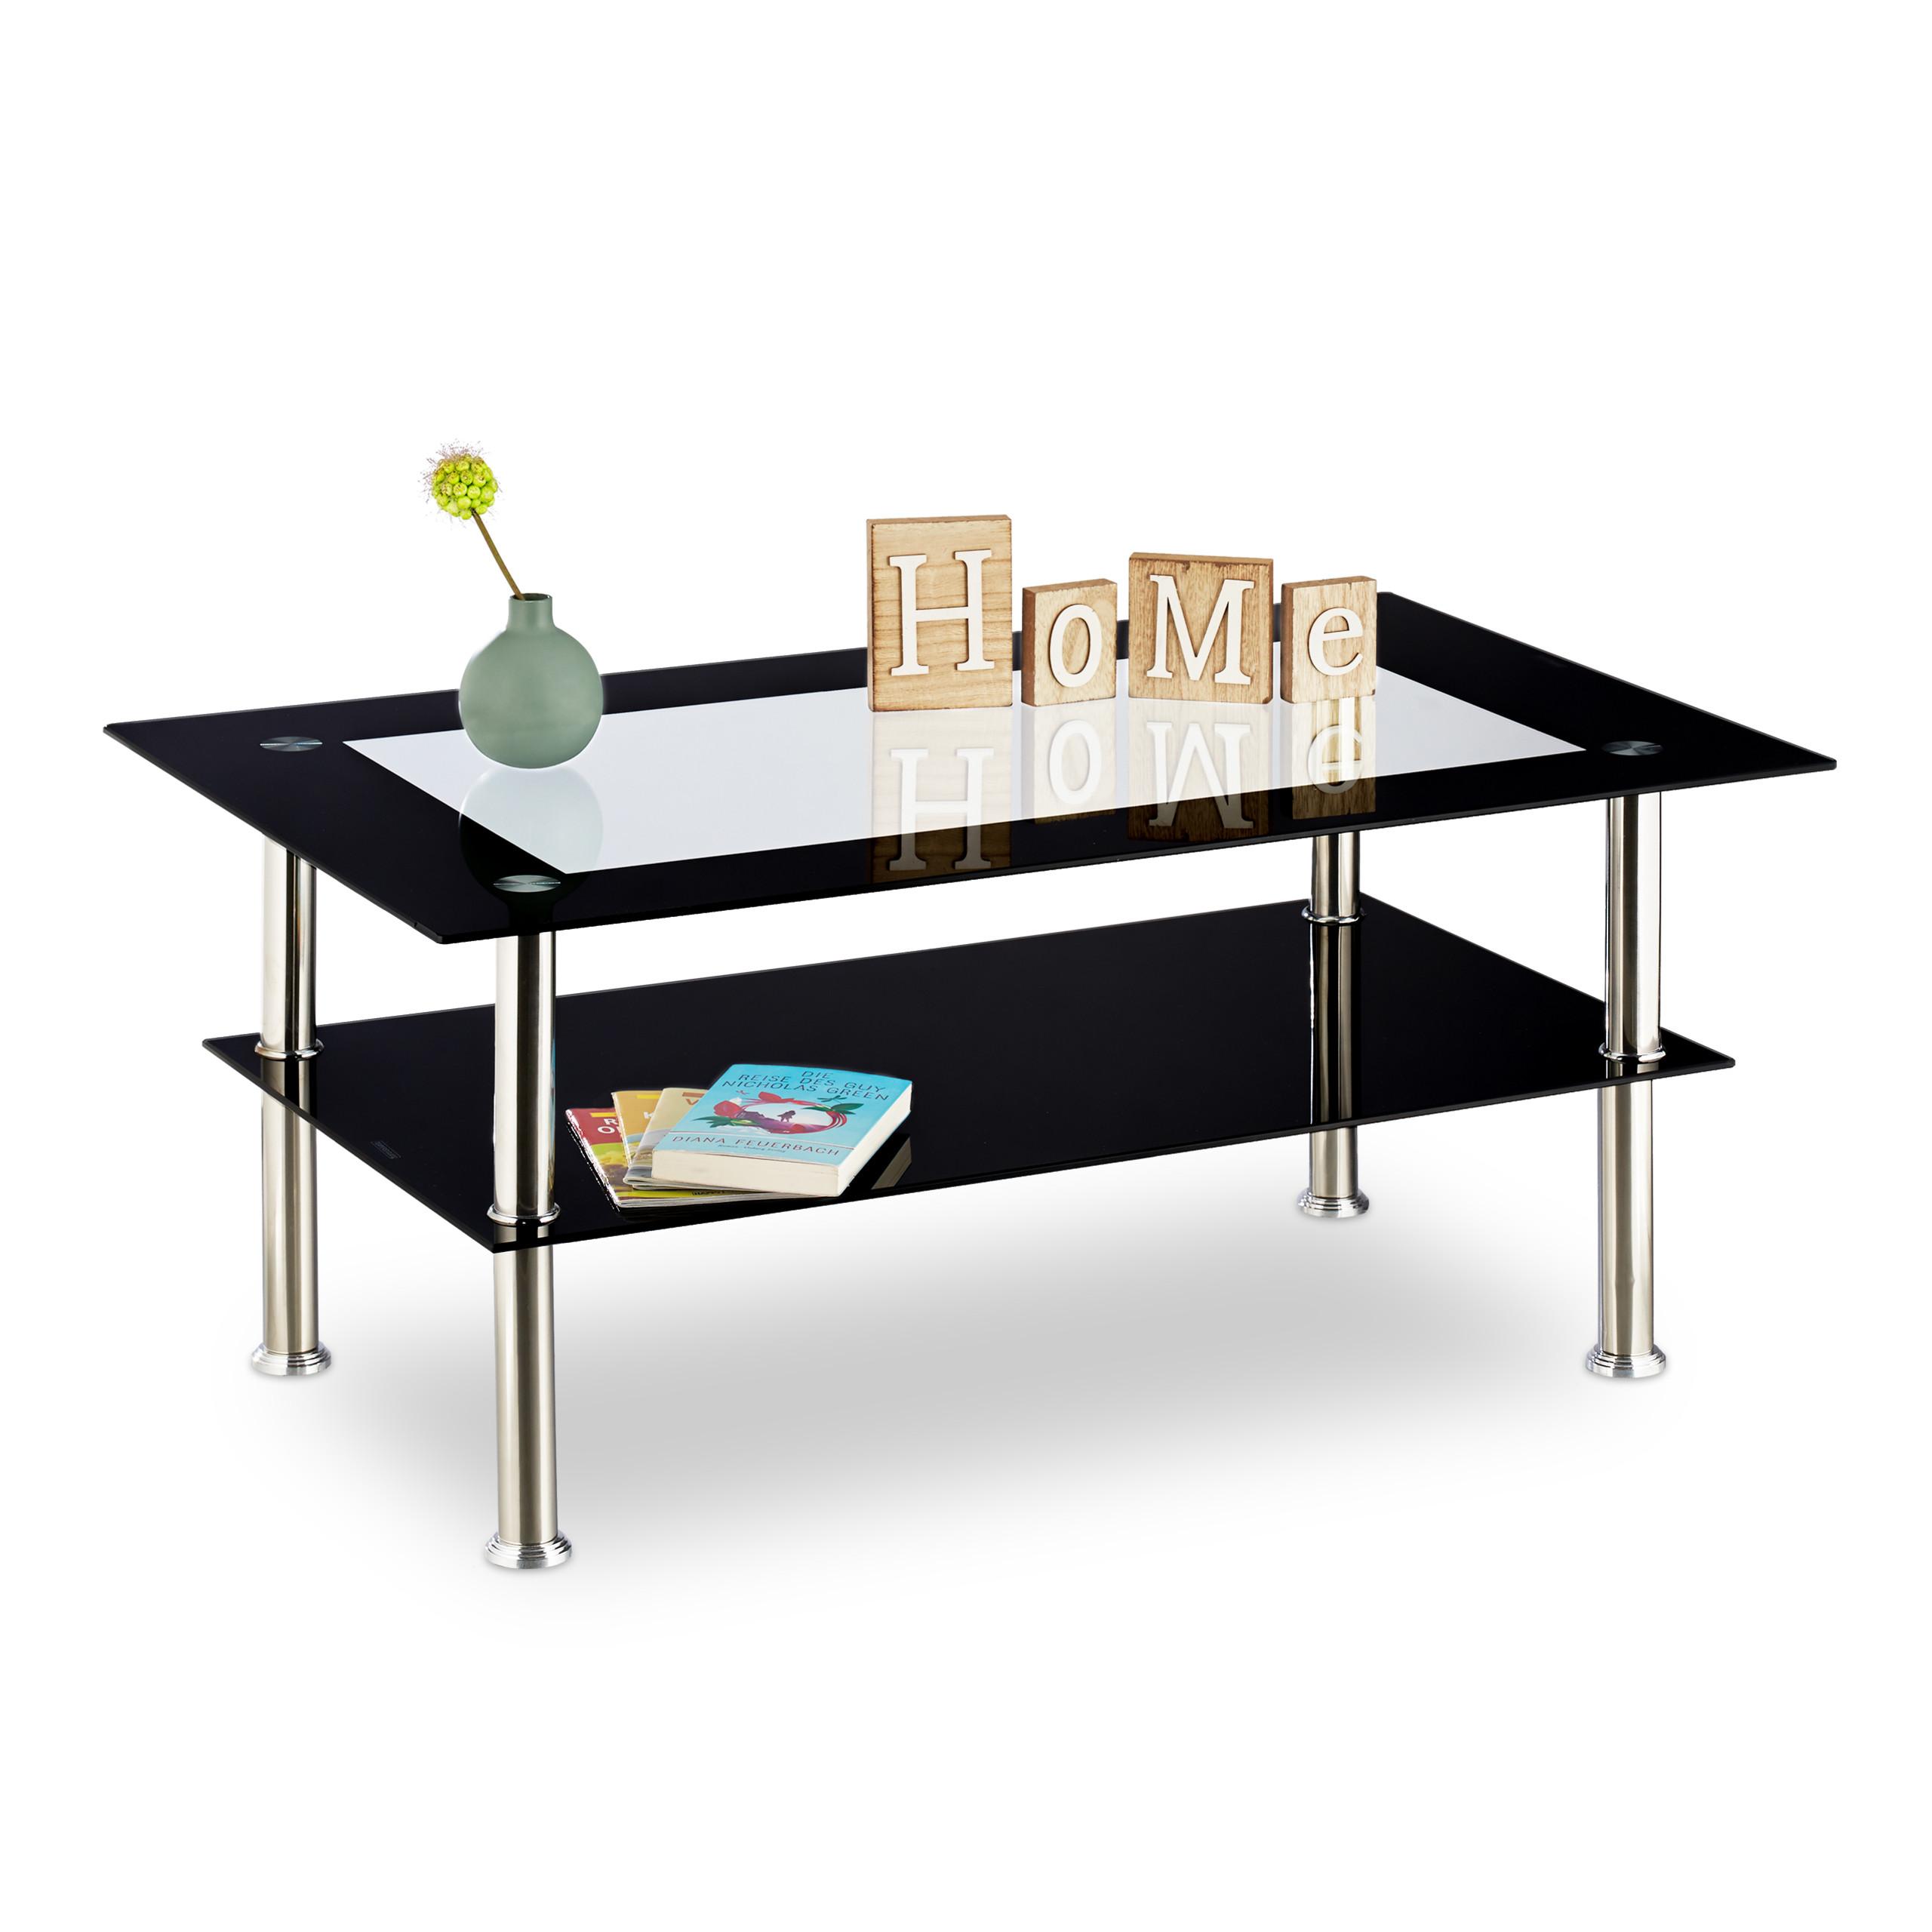 Dettagli su Tavolino da divano vetro nero, tavolo basso soggiorno,  trasparente, 2 ripiani